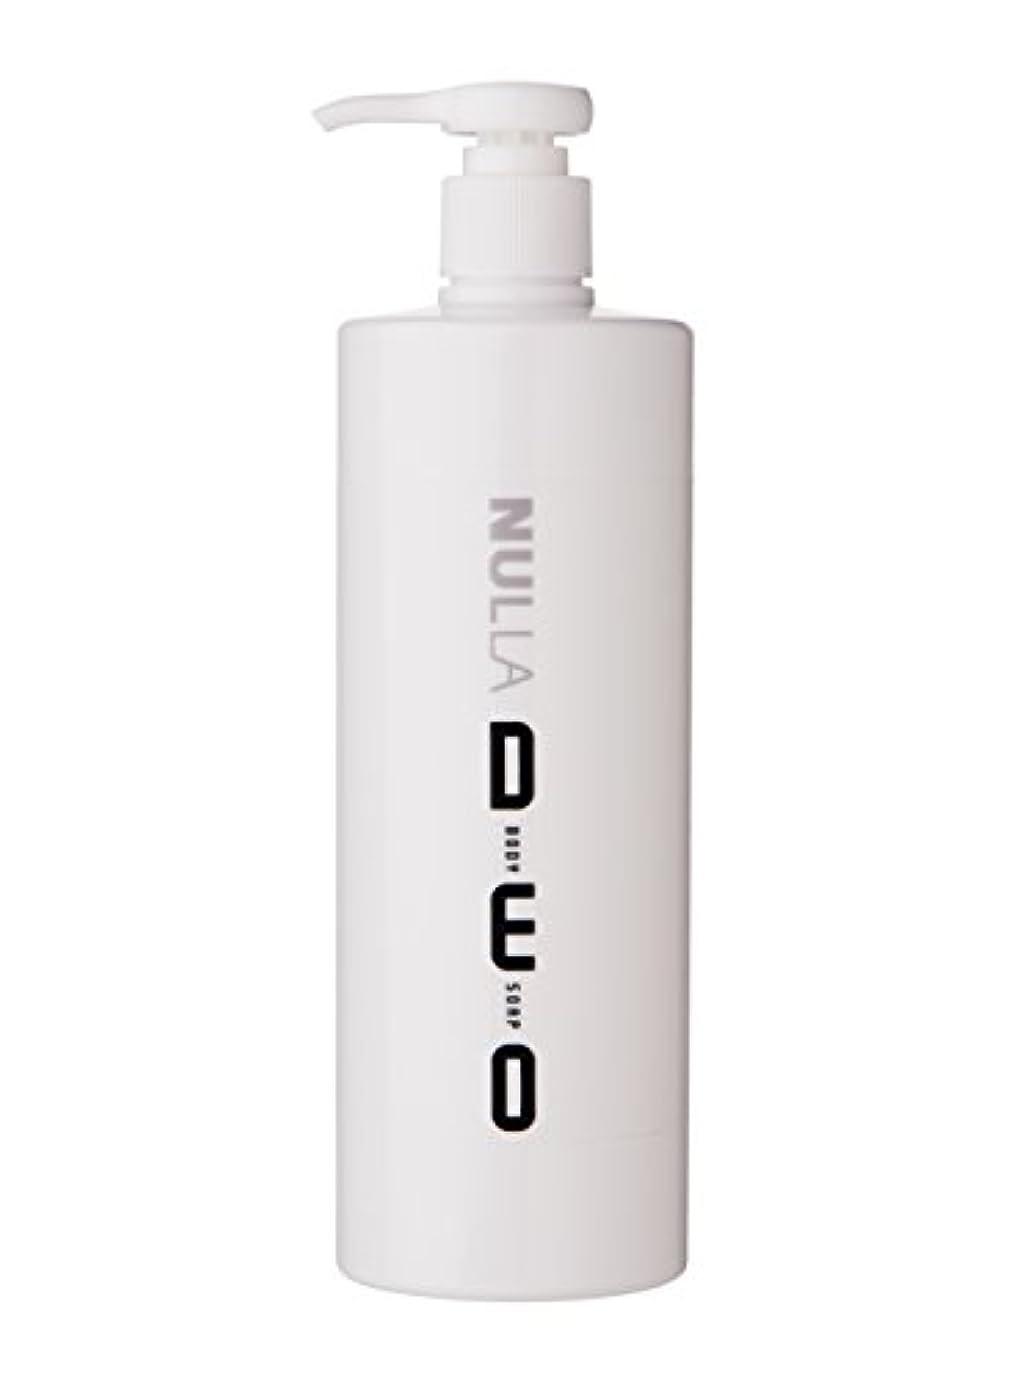 取る出発するオッズNULLA(ヌーラ) ヌーラデオ ボディソープ [ニオイ菌を抑制] 500ml 日本製 加齢臭 体臭 対策 シャボンの香り